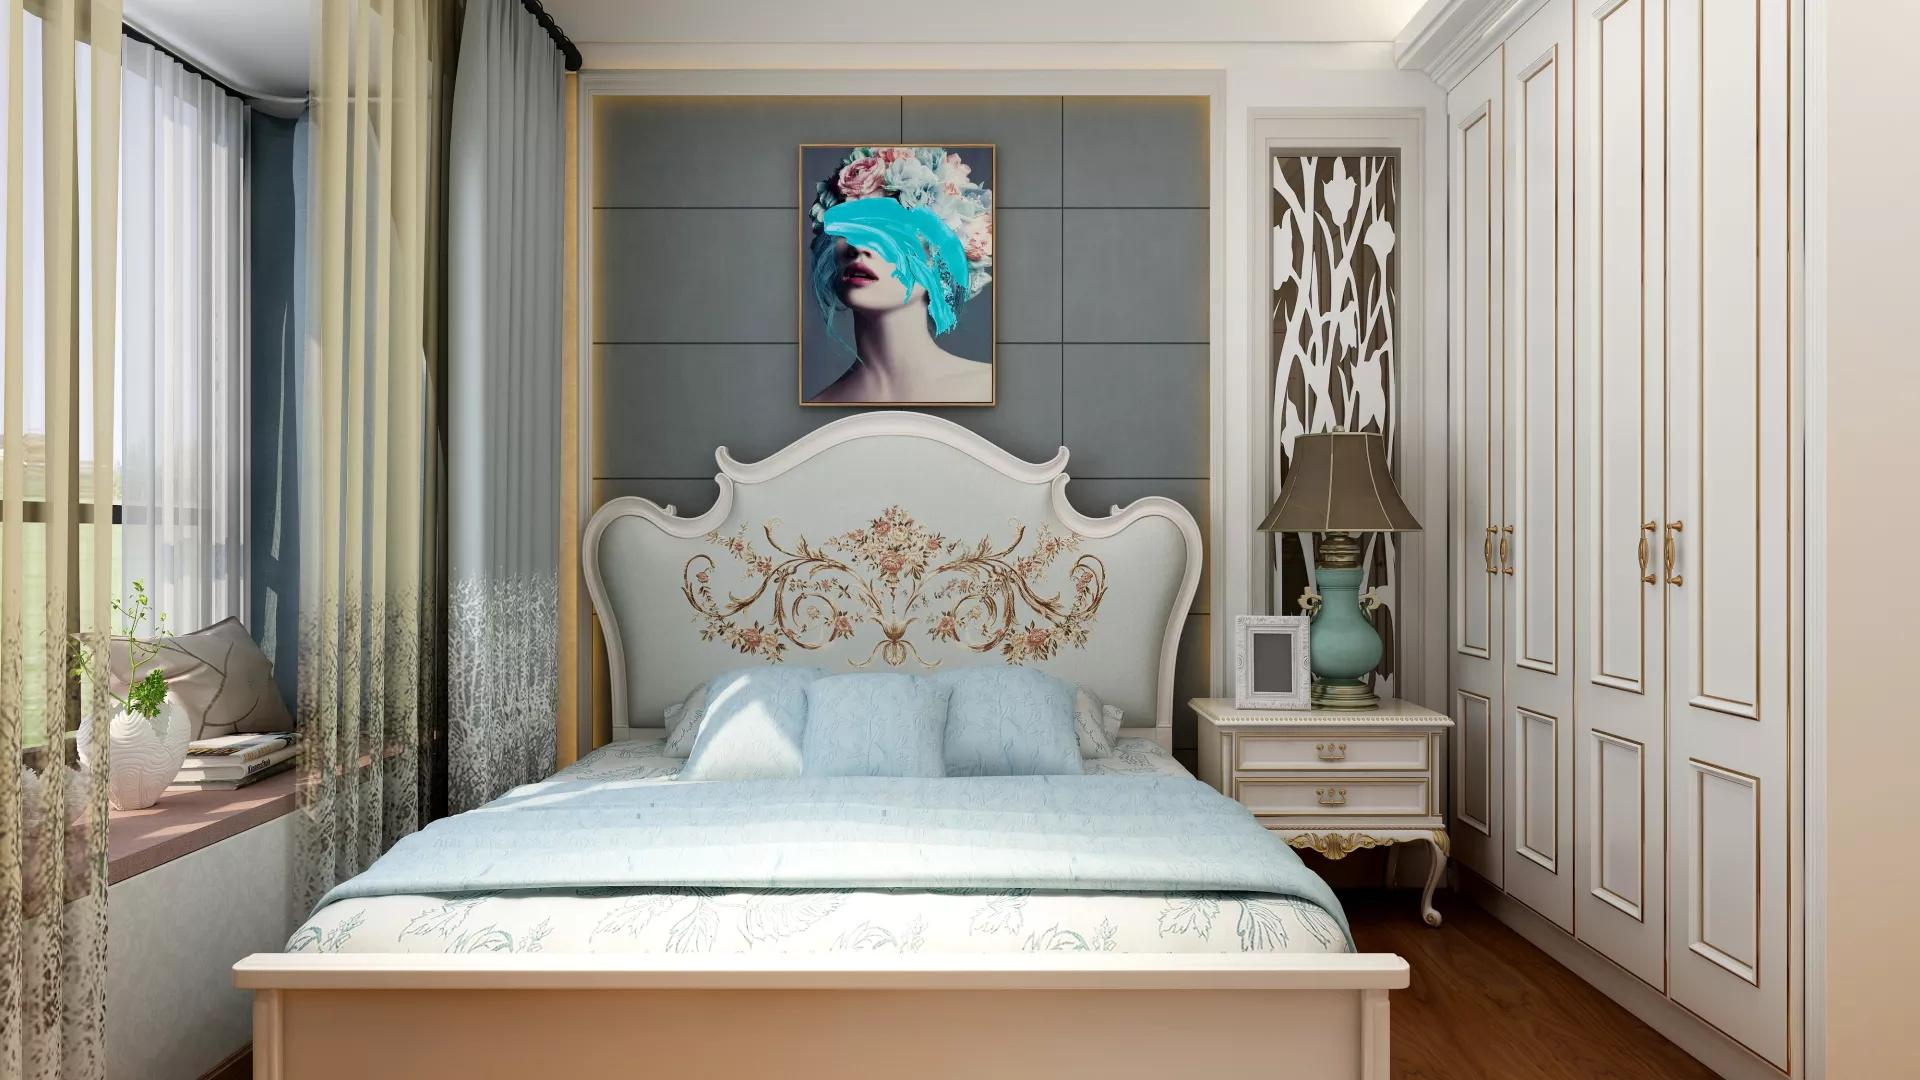 卧室,简约风格,简洁,温馨